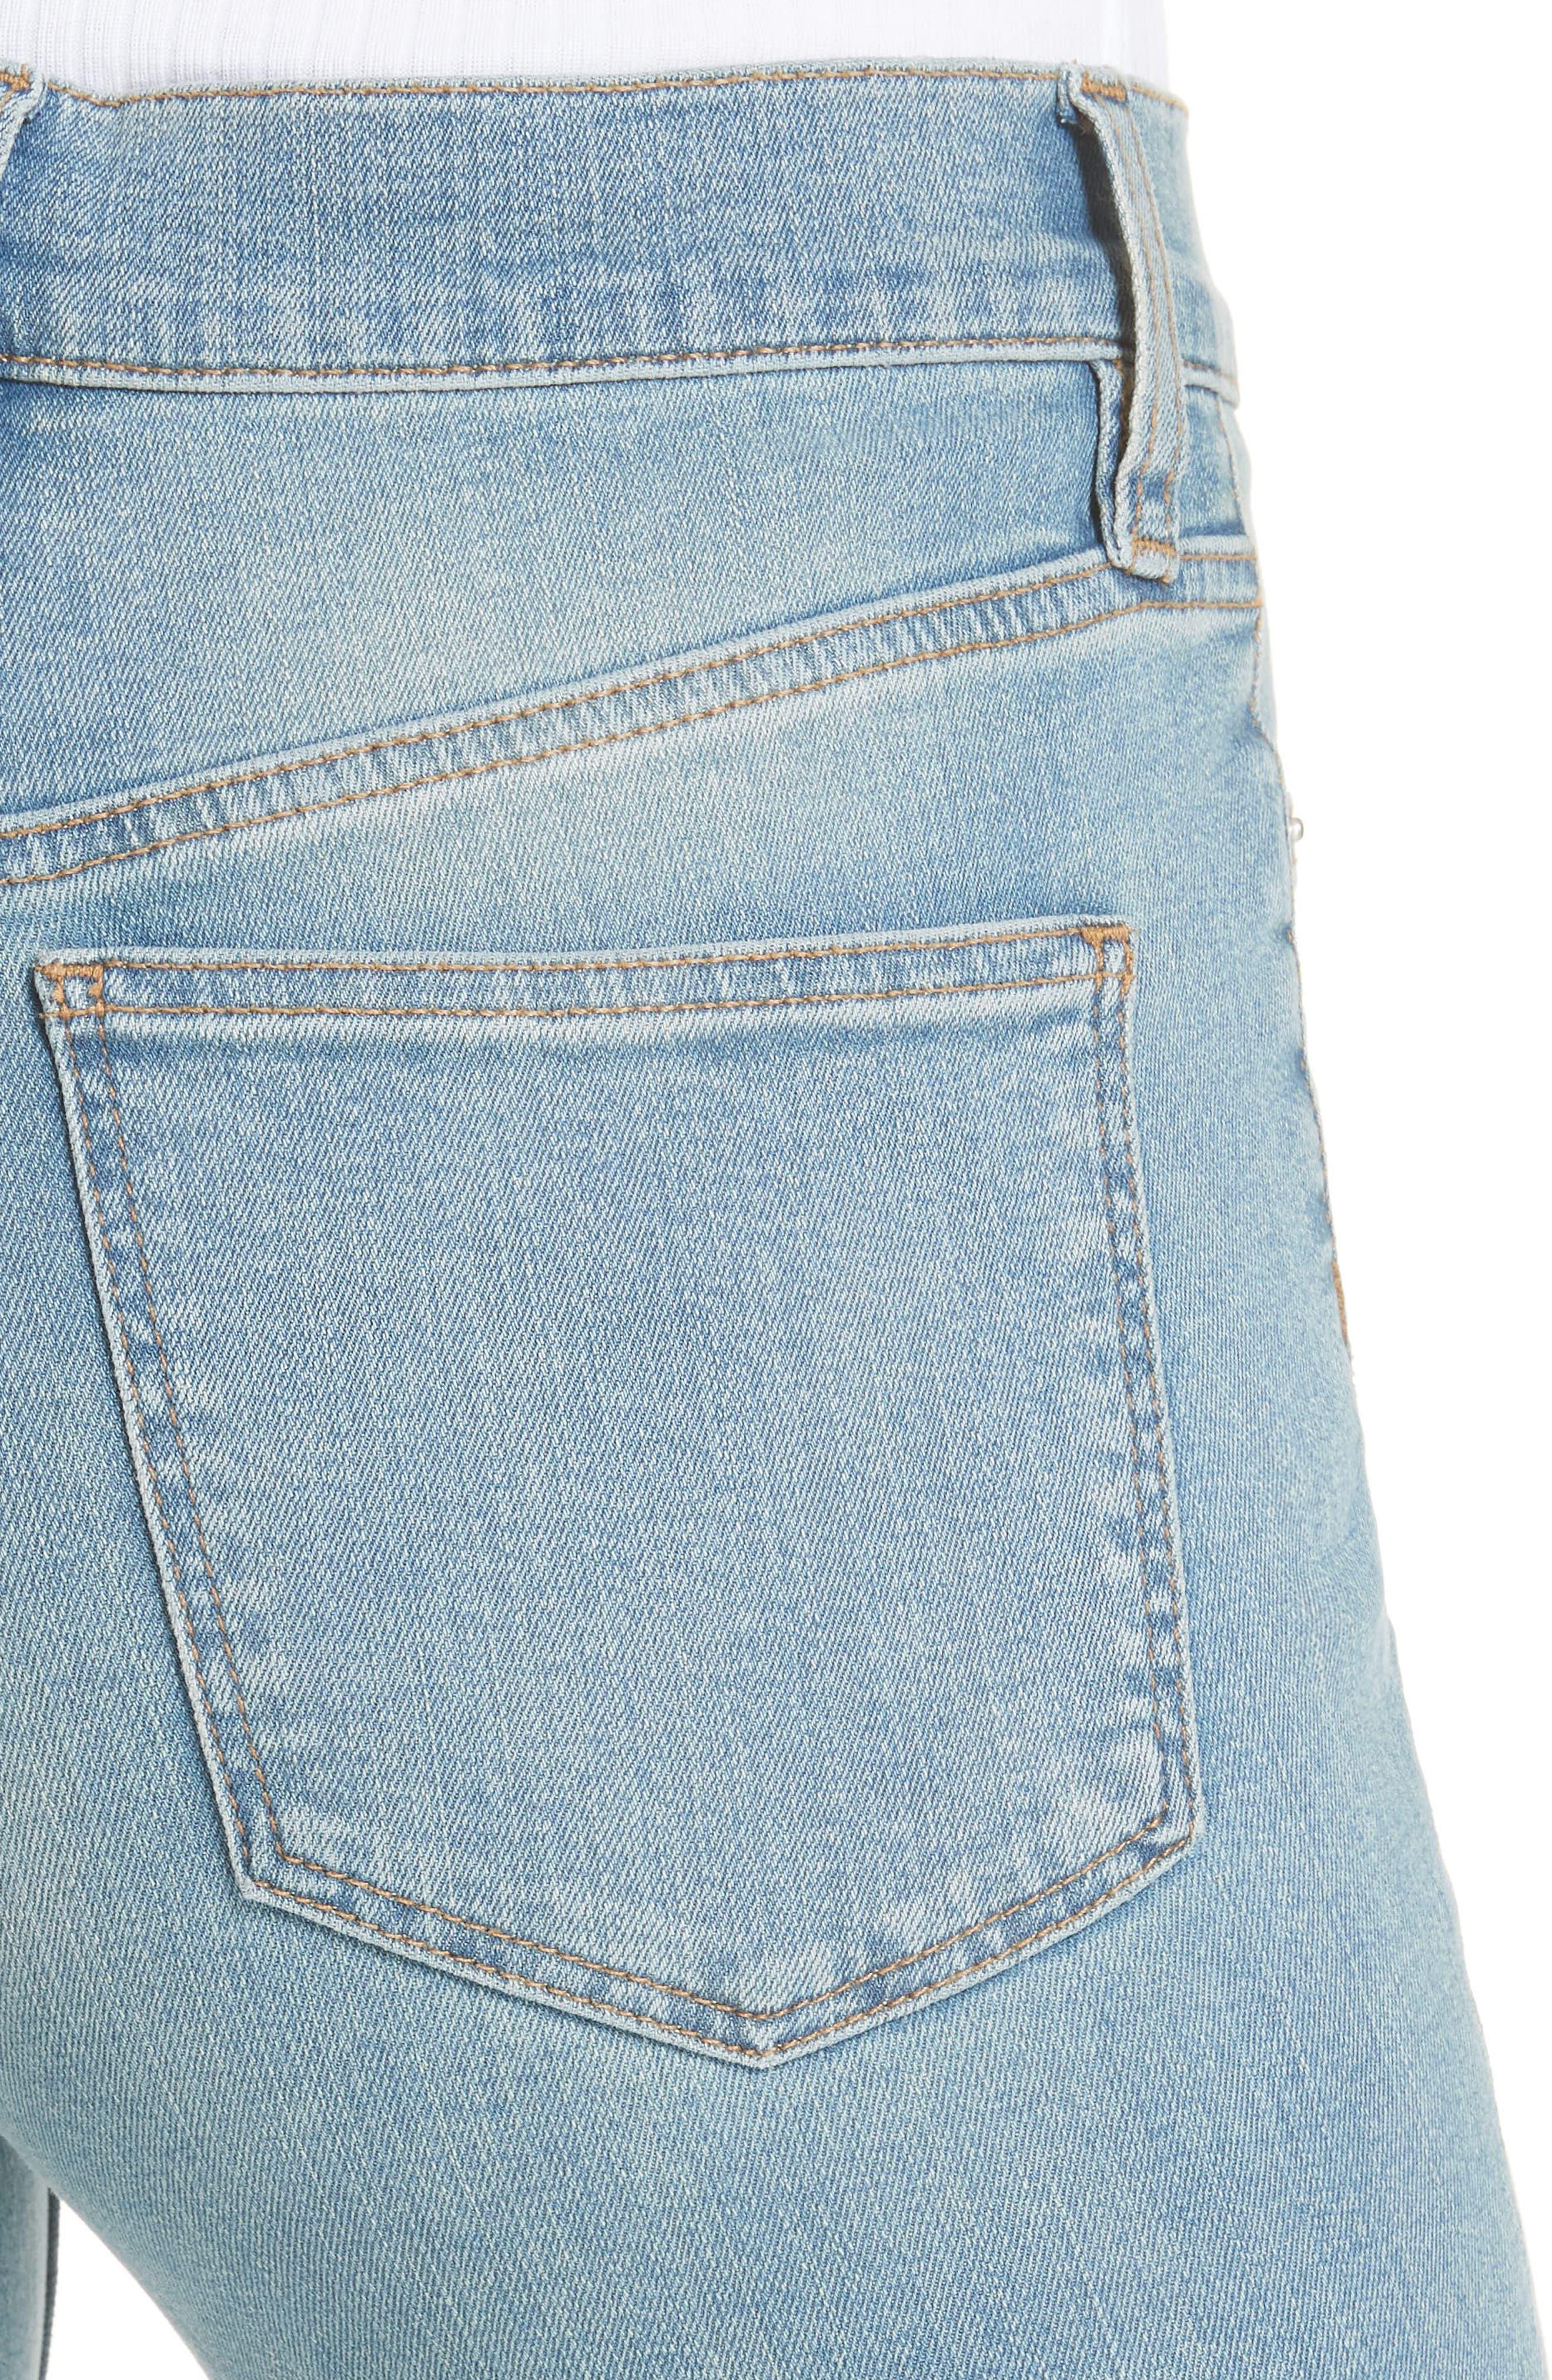 Long & Lean High Waist Denim Leggings,                             Alternate thumbnail 4, color,                             Light Denim